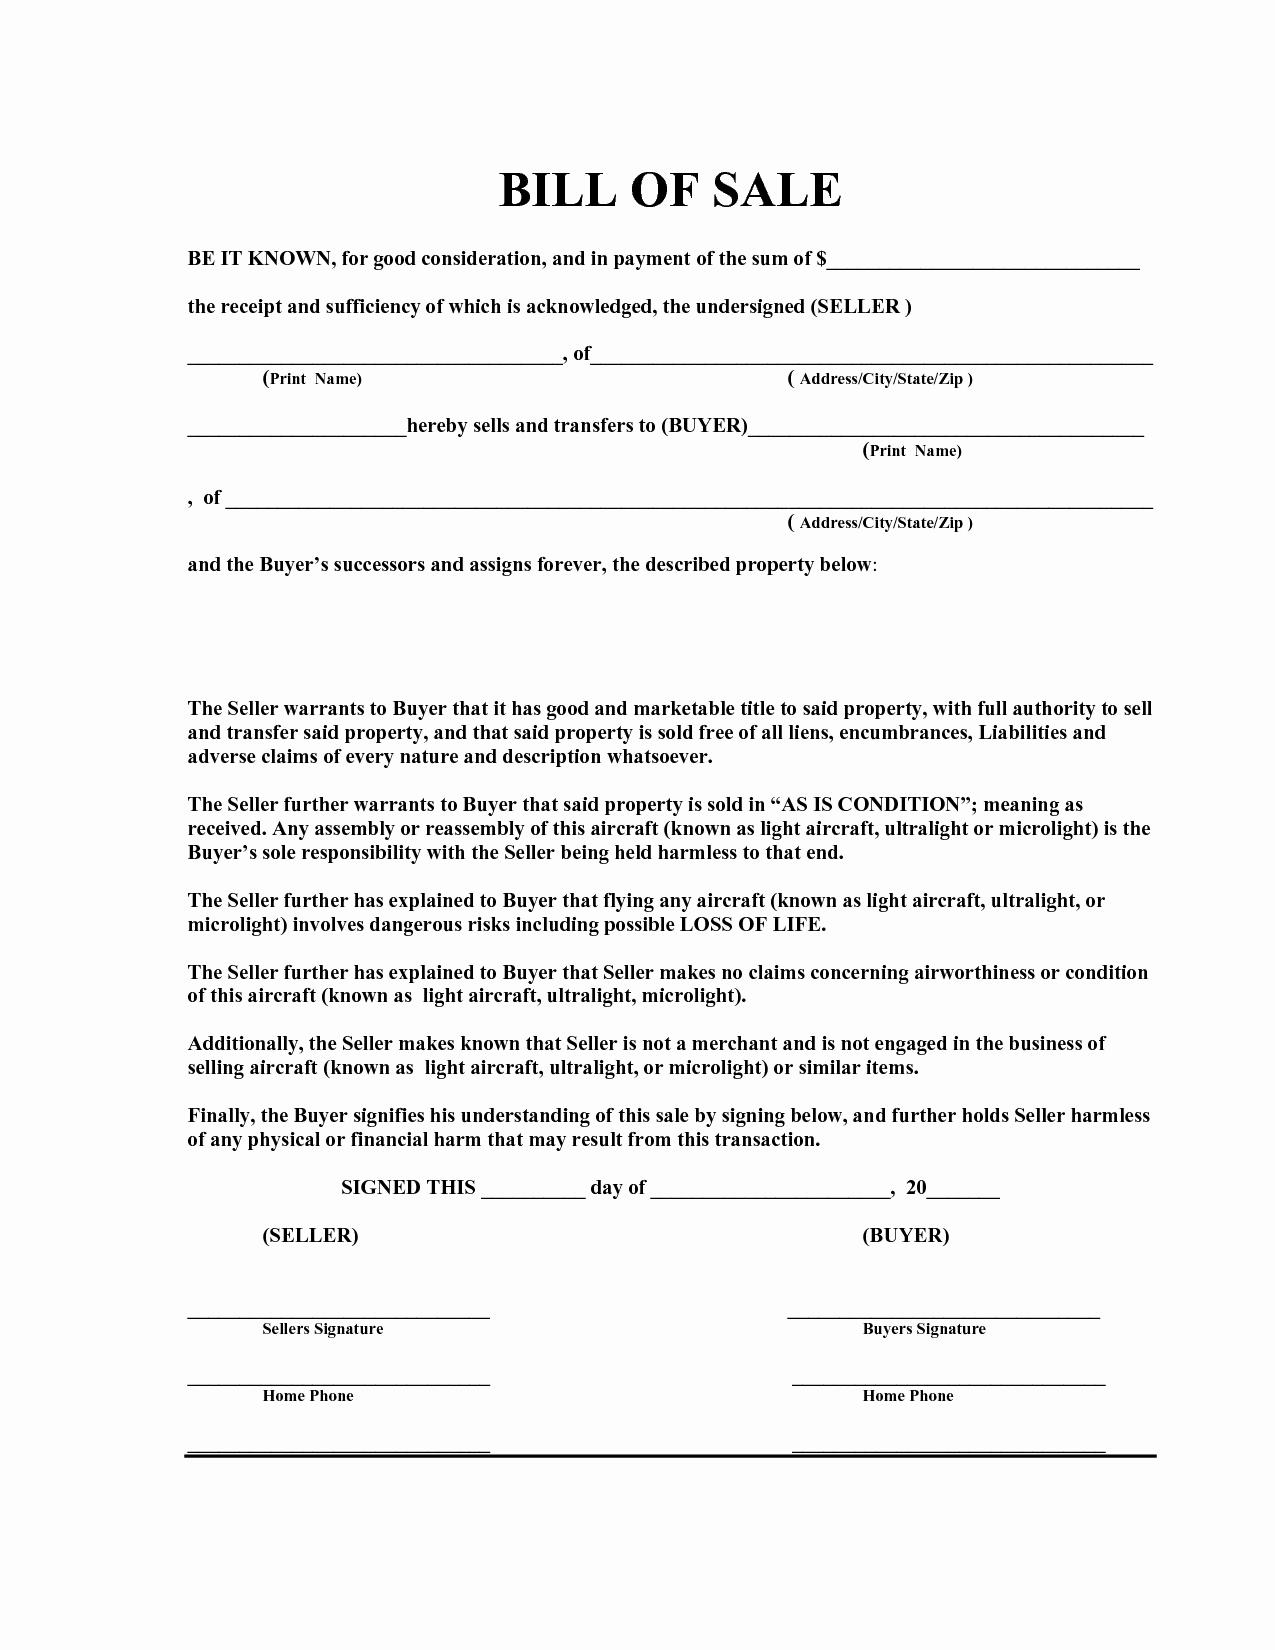 Truck Bill Of Sale Pdf New Free Bill Of Sale Template Pdf by Marymenti as is Bill